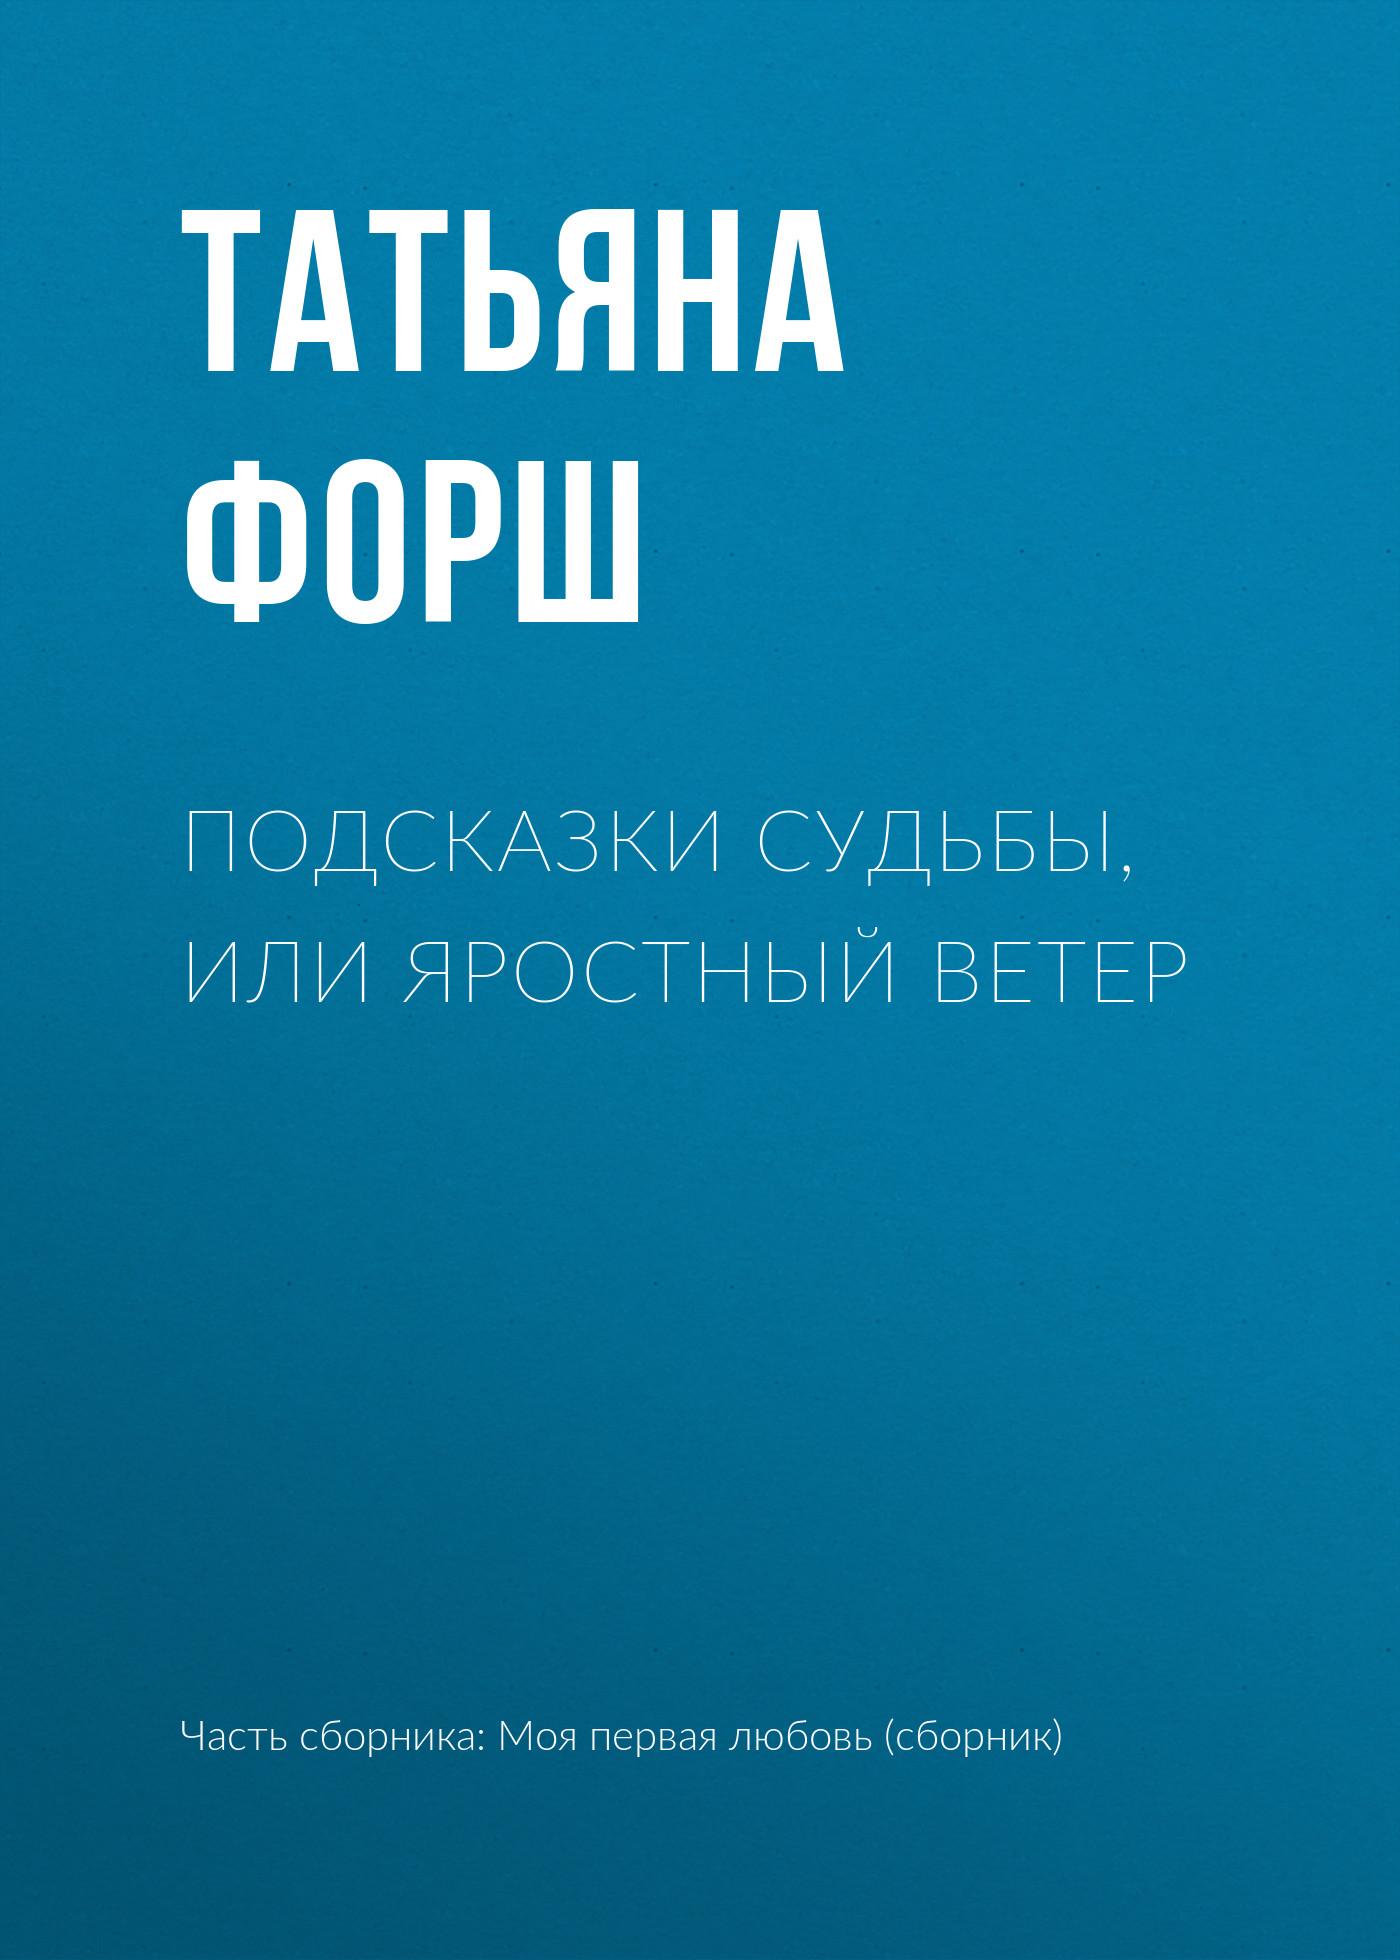 Татьяна Форш Подсказки судьбы, или Яростный ветер цена